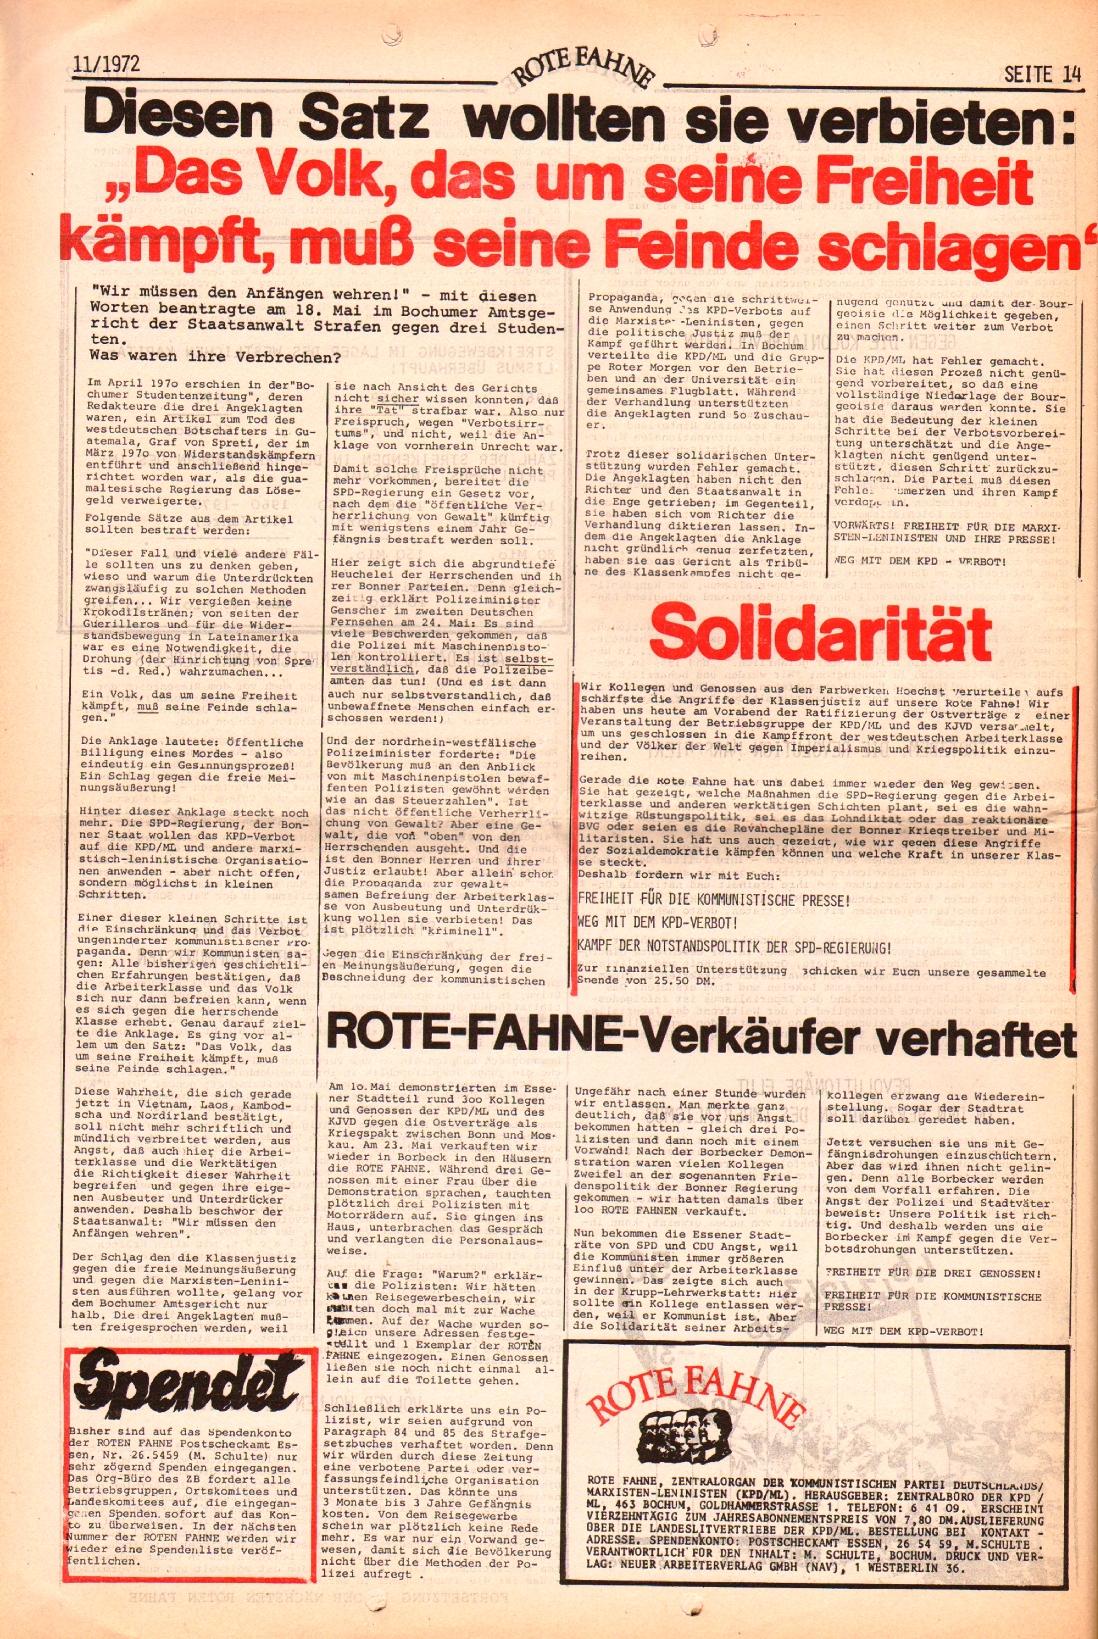 Rote Fahne, 3. Jg., 29.5.1972, Nr. 11, Seite 14